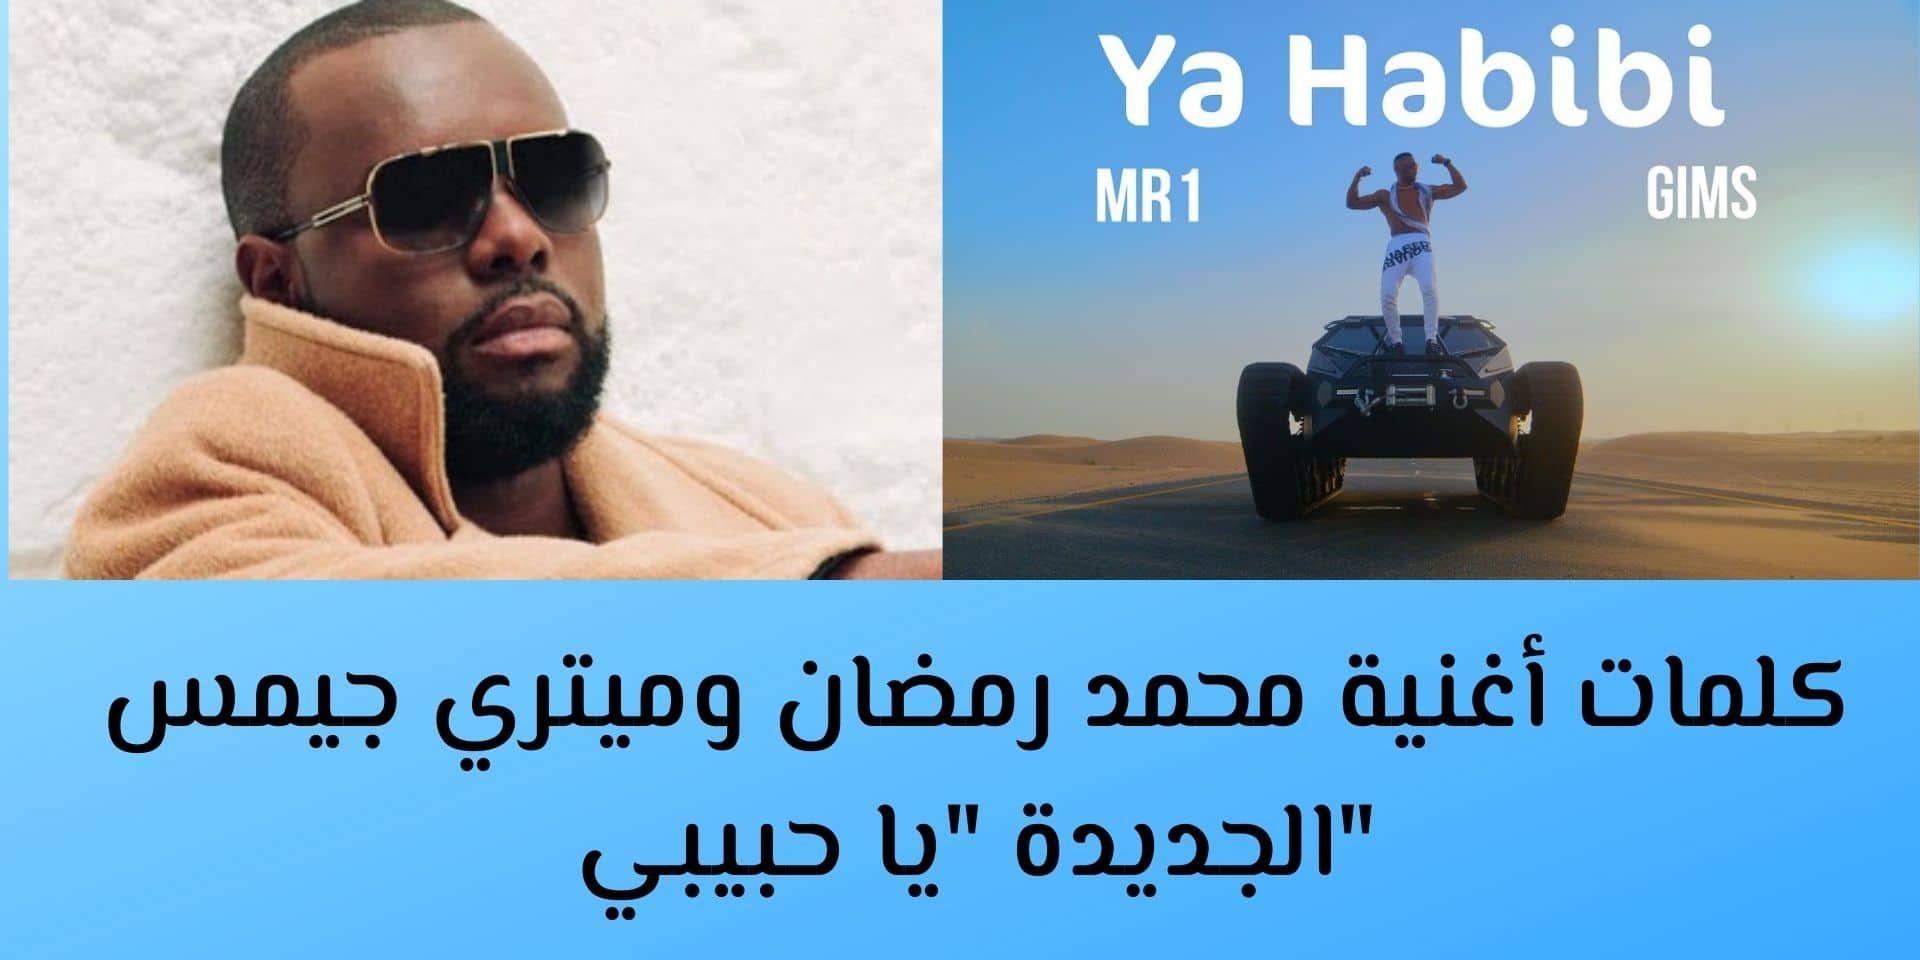 تريند مصر كلمات أغنية محمد رمضان وميتري جيمس الجديدة يا حبيبي باللغتين العربية والفرنسية Rayban Wayfarer Mens Sunglasses Men